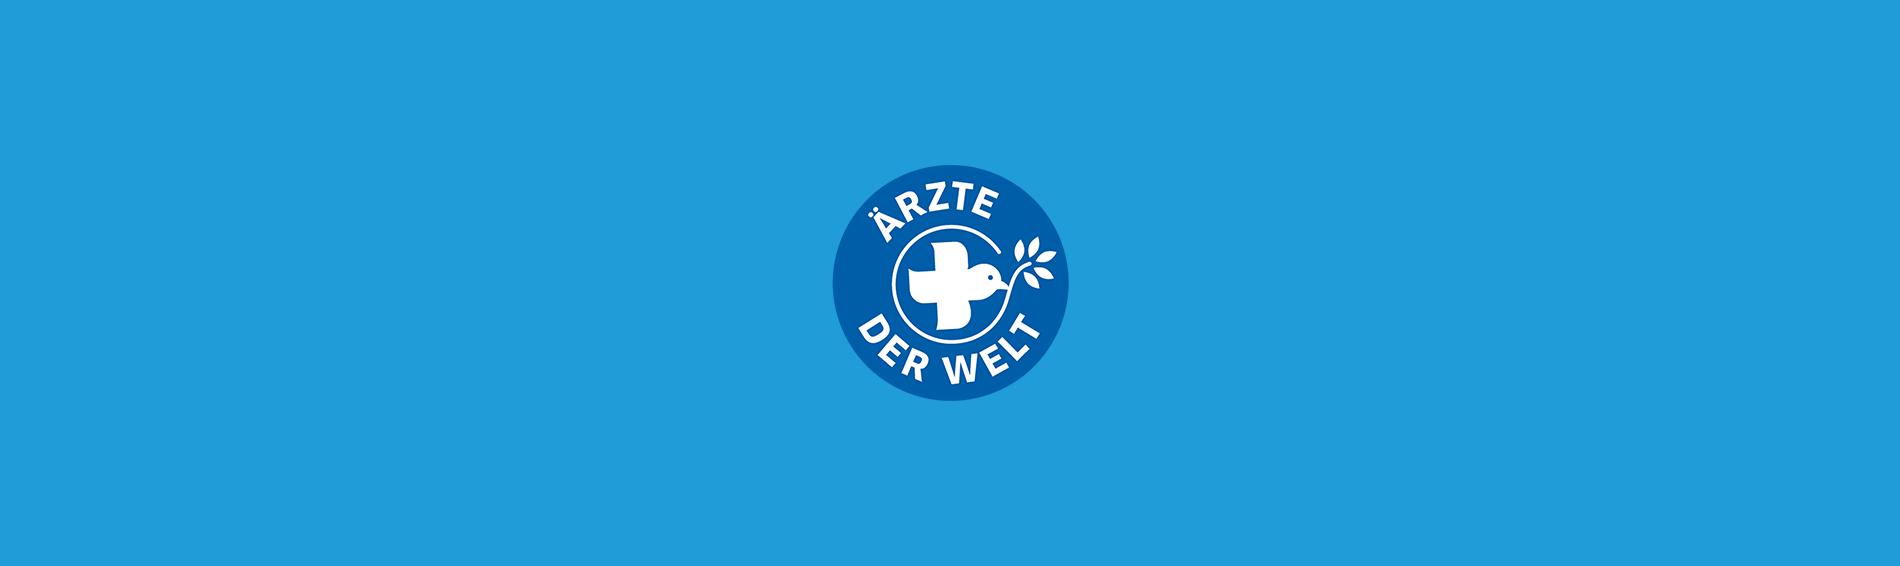 Ärzte der Welt.Logo